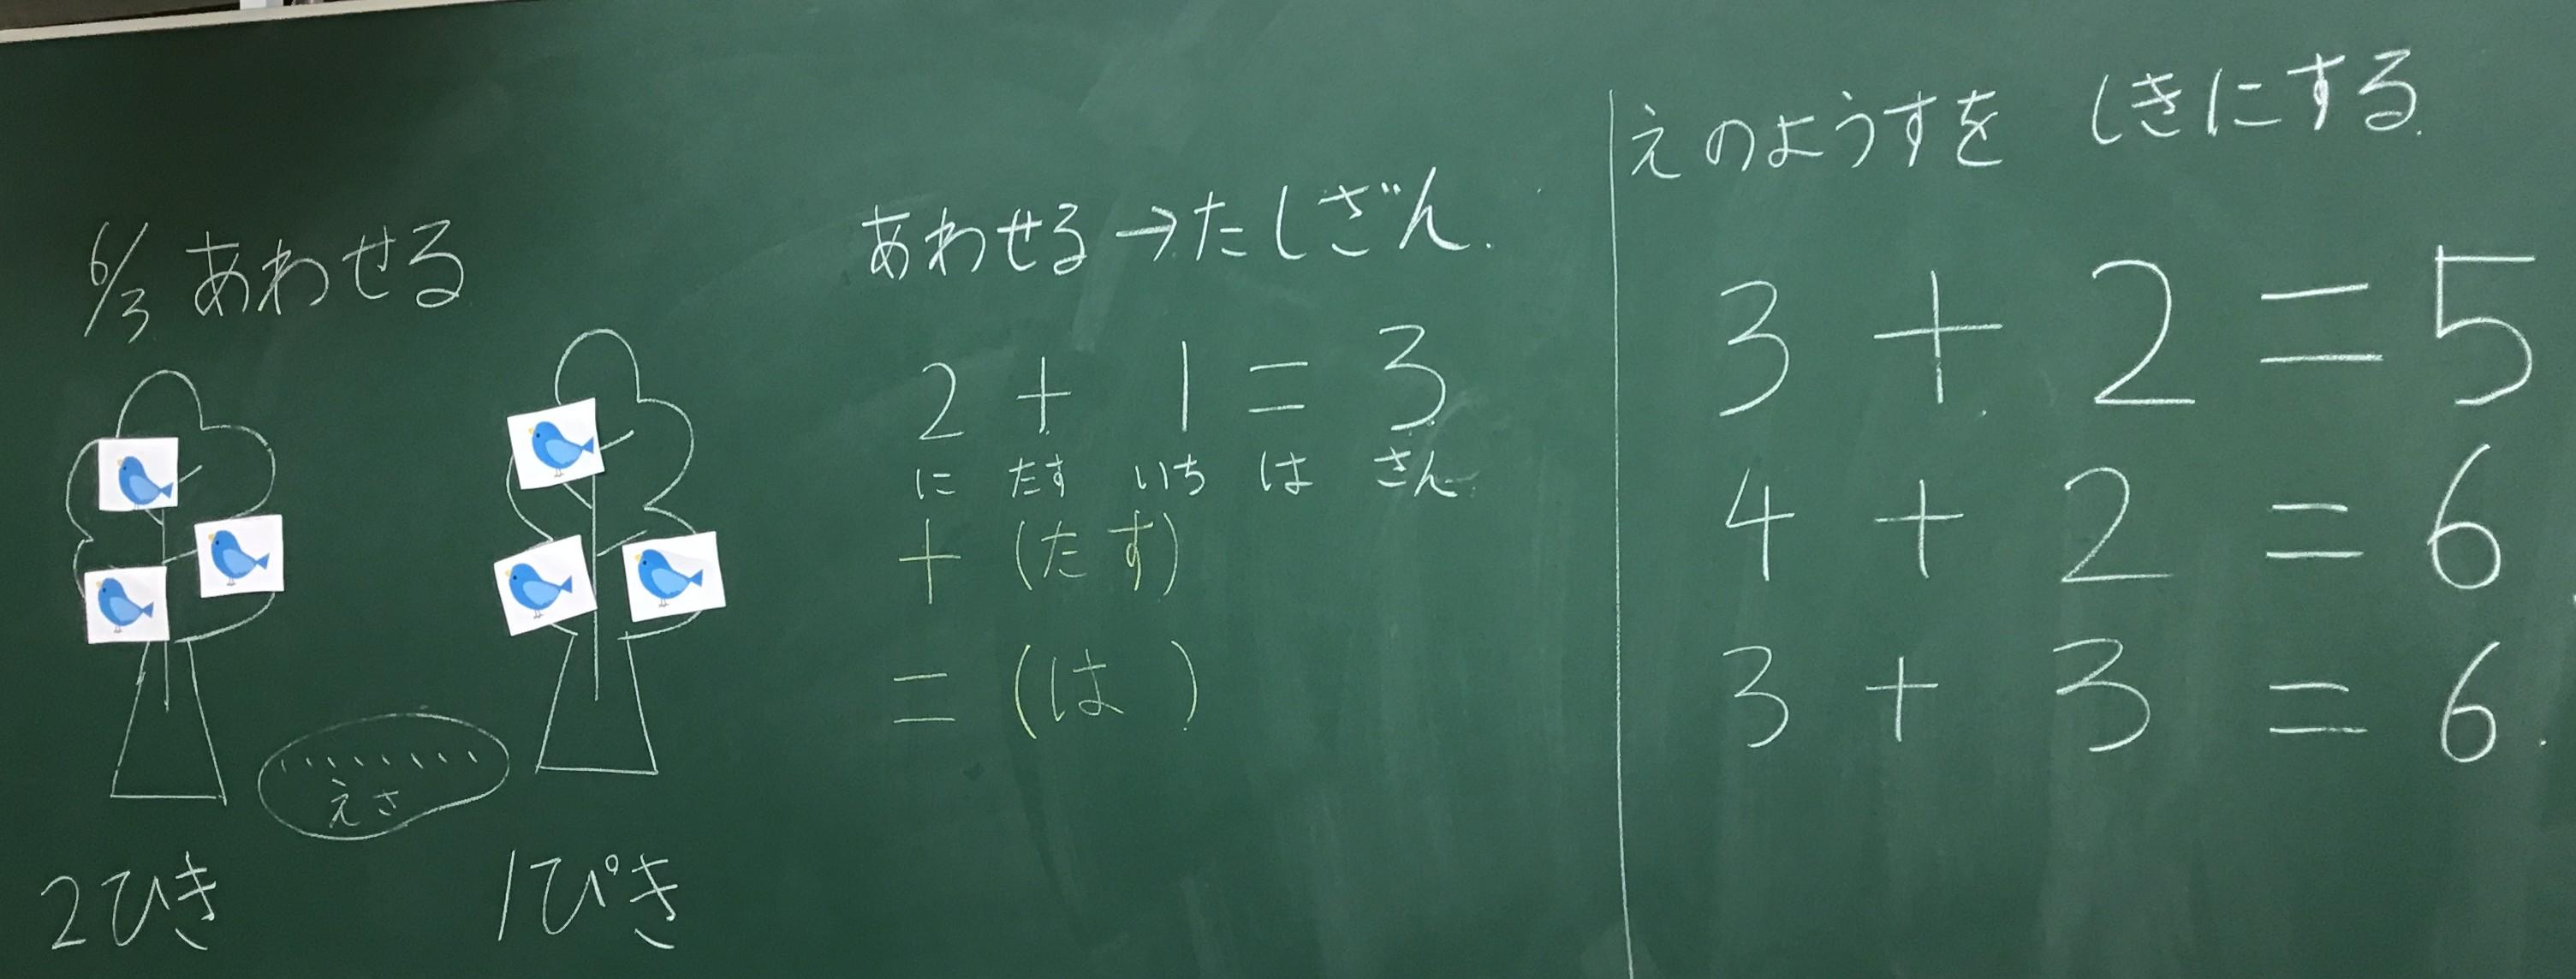 本日の授業 1年生 算数 足し算あわせるといくつ絵の様子を